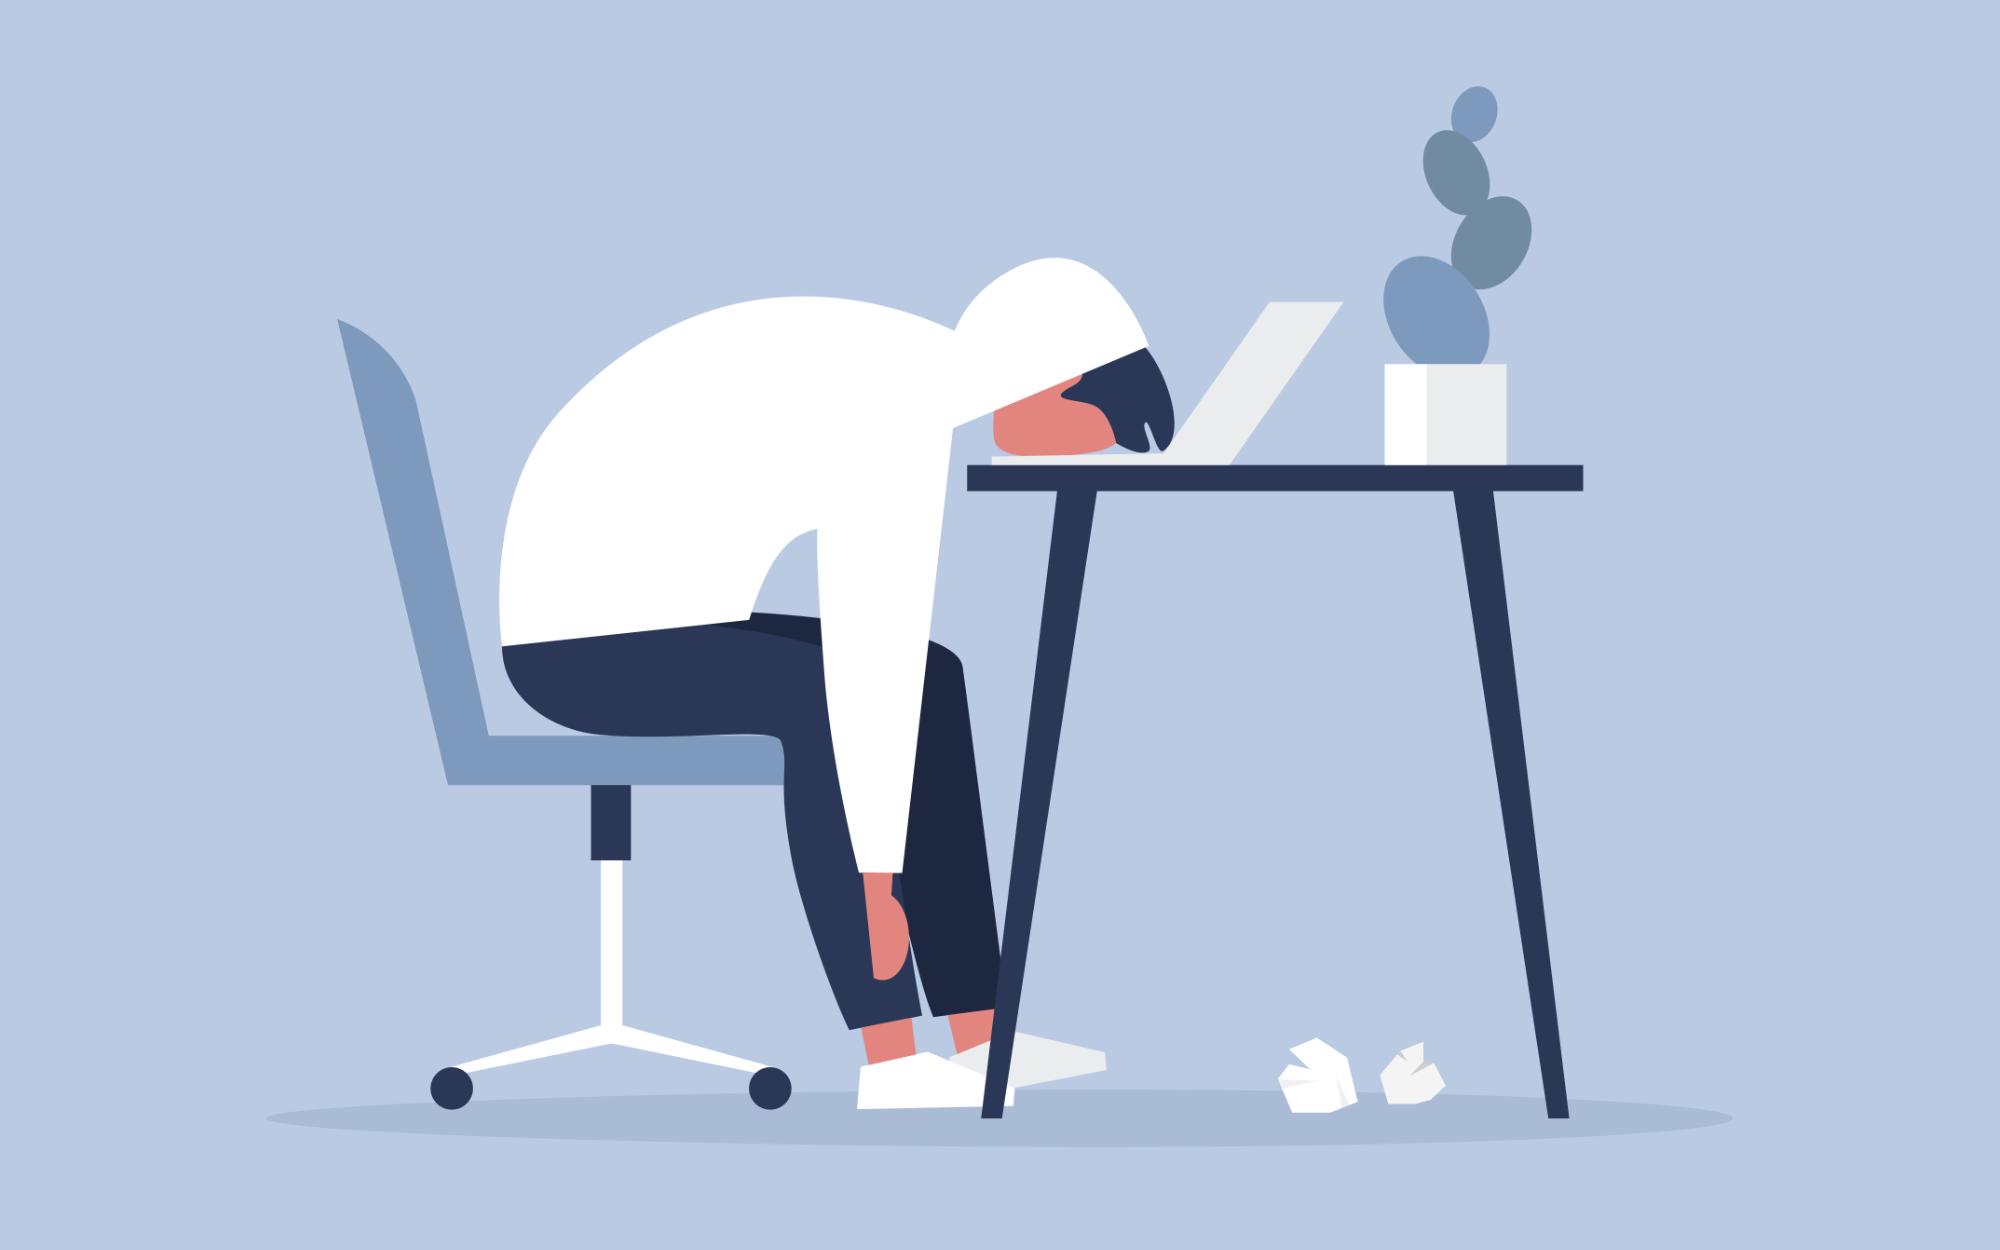 https://blog.doist.com/mental-fatigue/